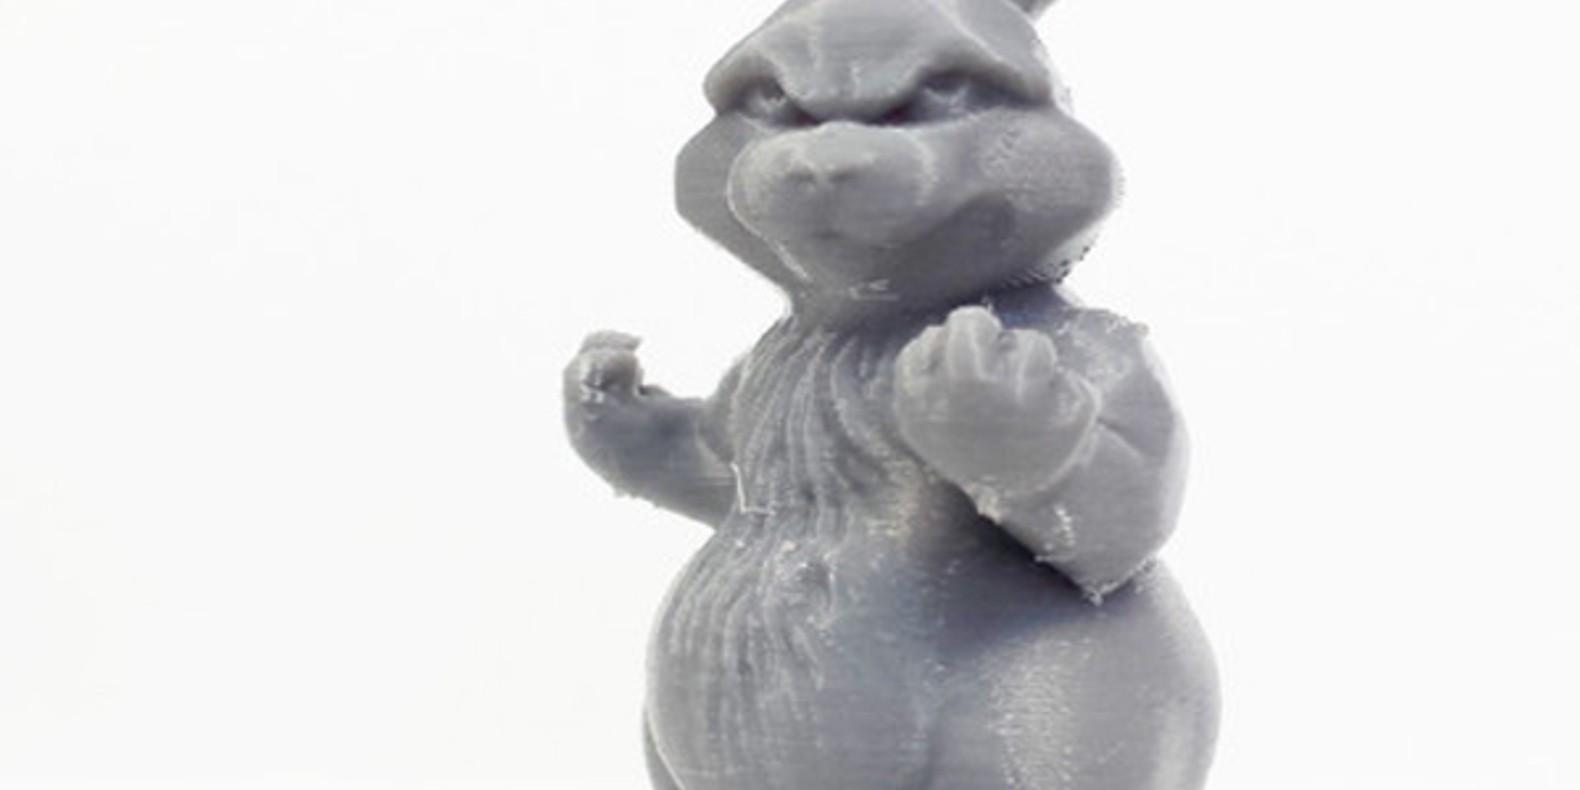 3.Bunny-TanyaWeisner animaux imprimés en 3D Cults fichier 3D 3D model 3D printing